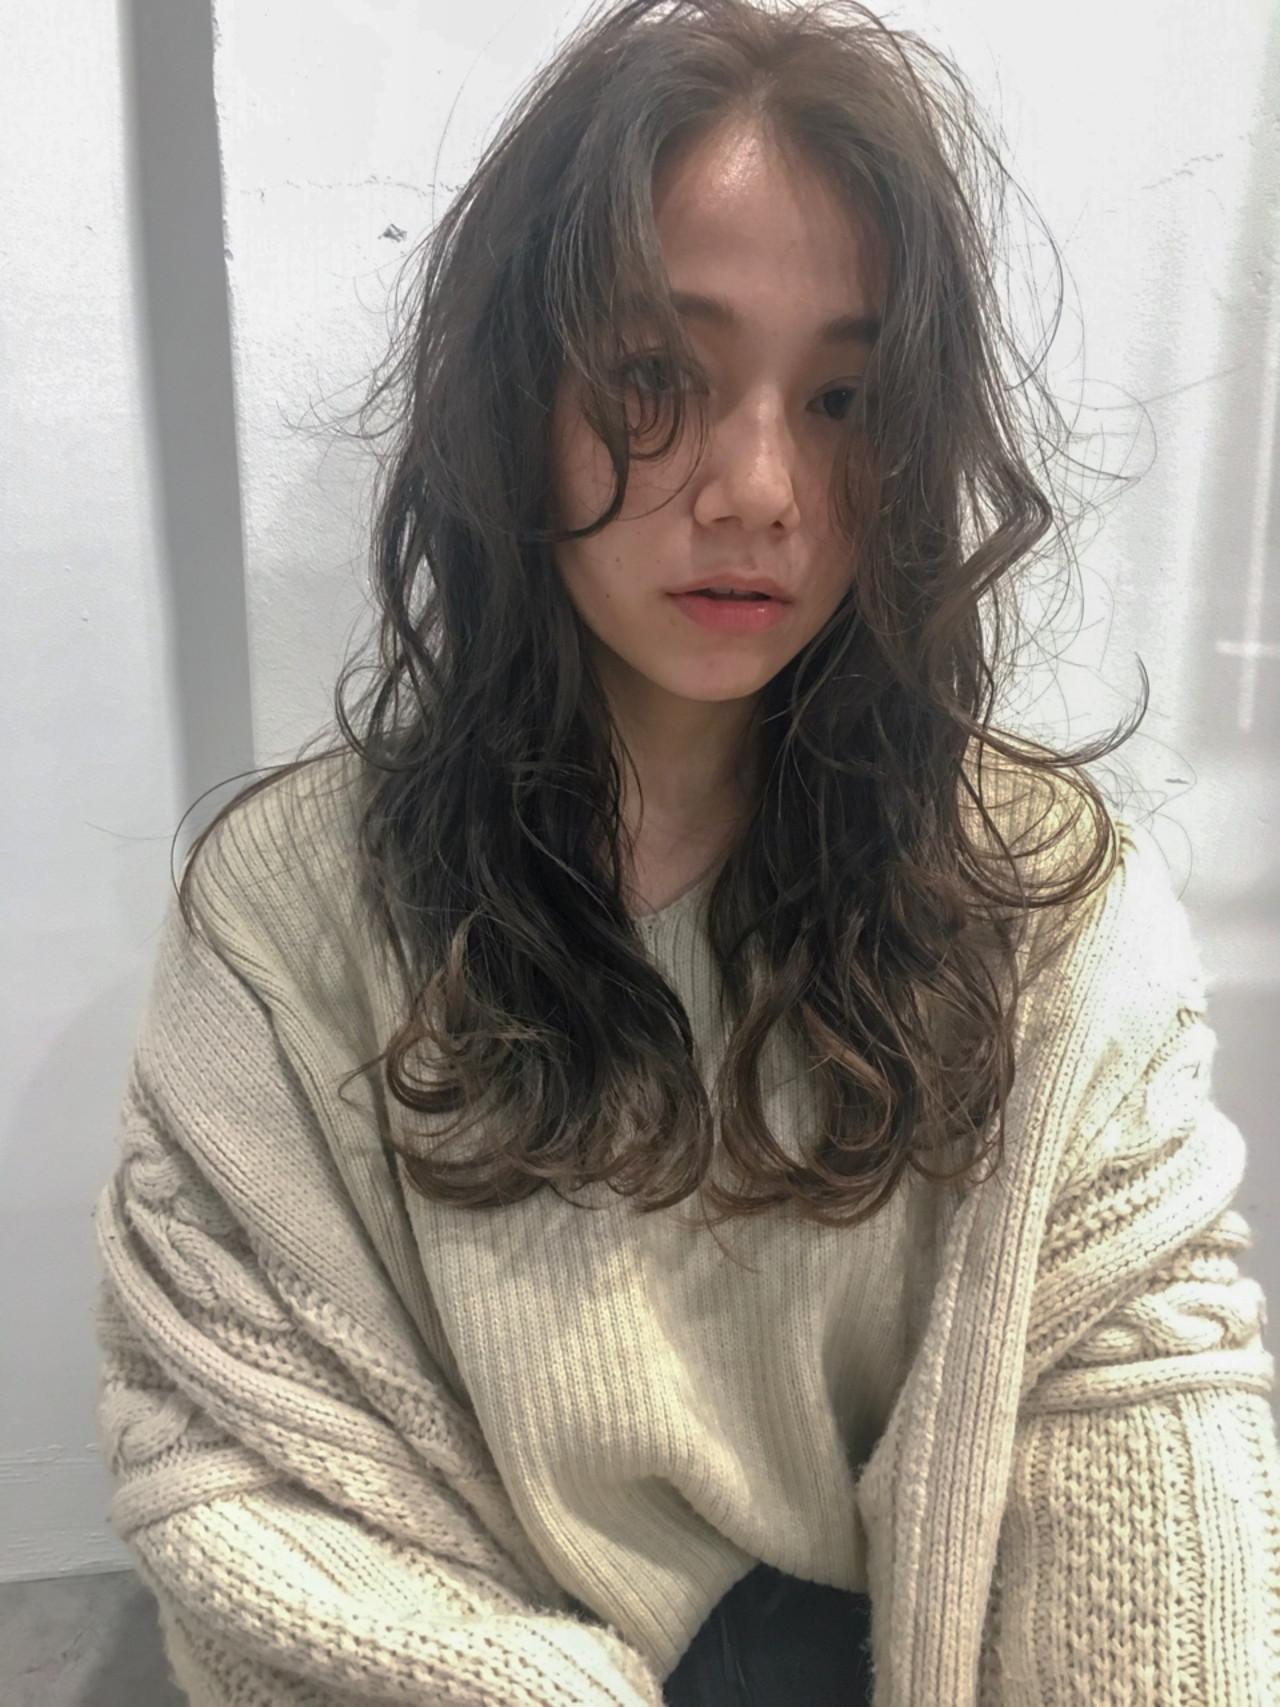 ヘアアレンジ 色気 デート 簡単ヘアアレンジ ヘアスタイルや髪型の写真・画像 | SHIGERU/BABY上野 / BABY